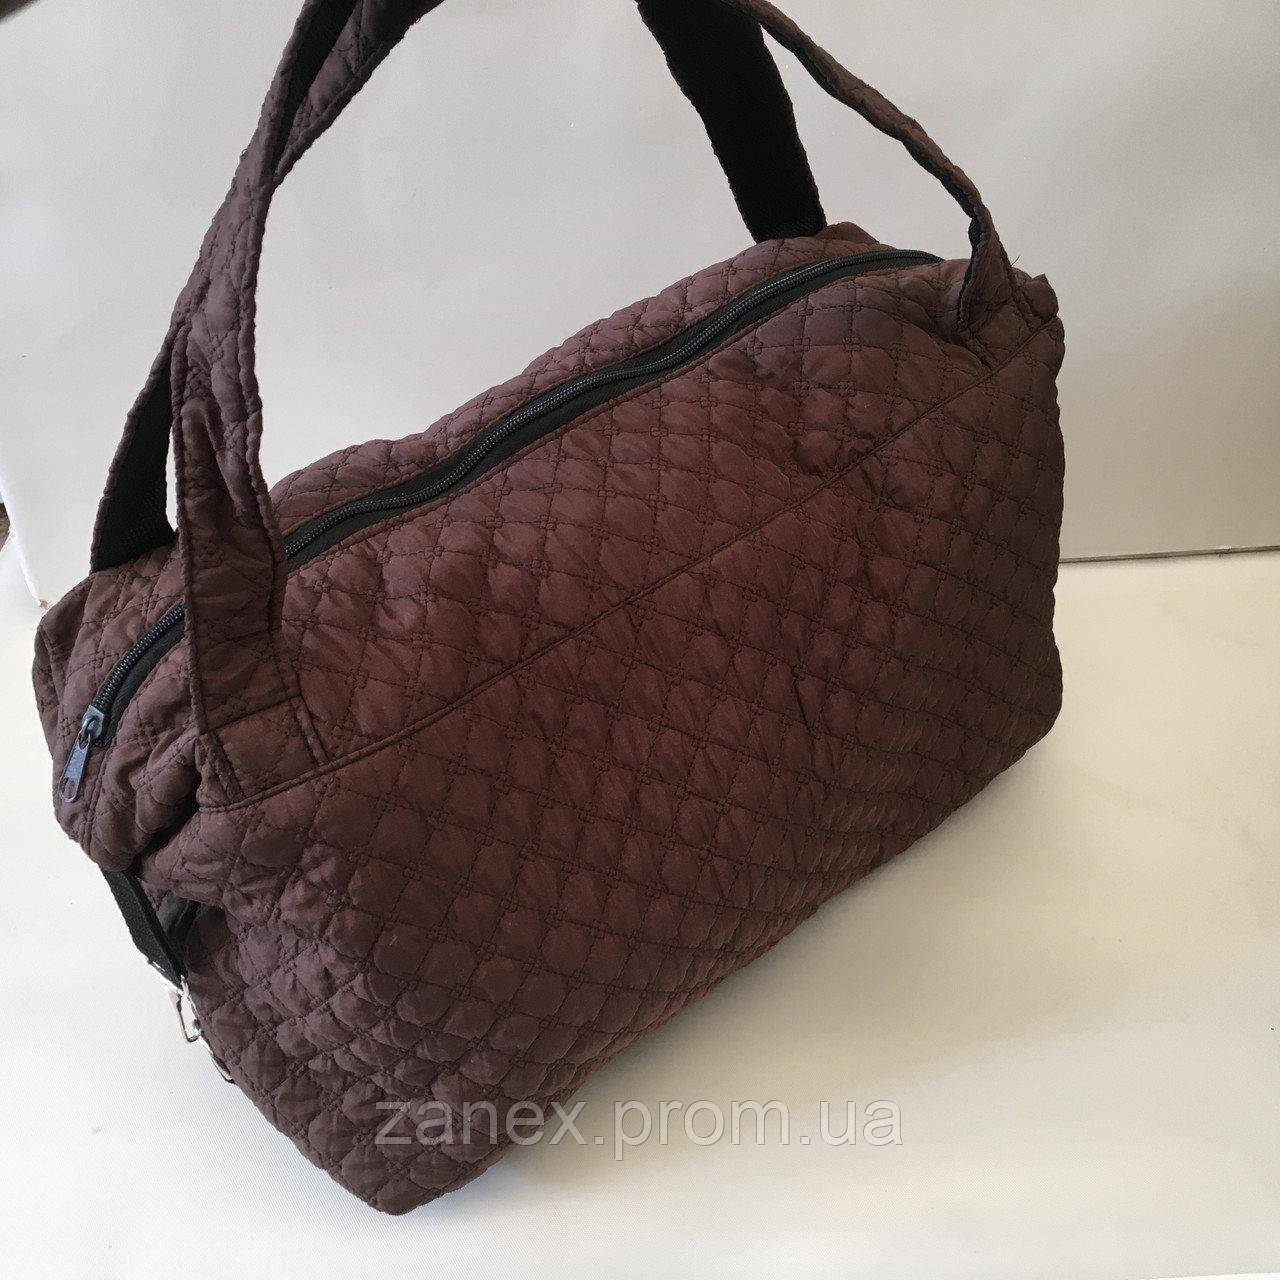 Женская сумка стеганая (коричневая)